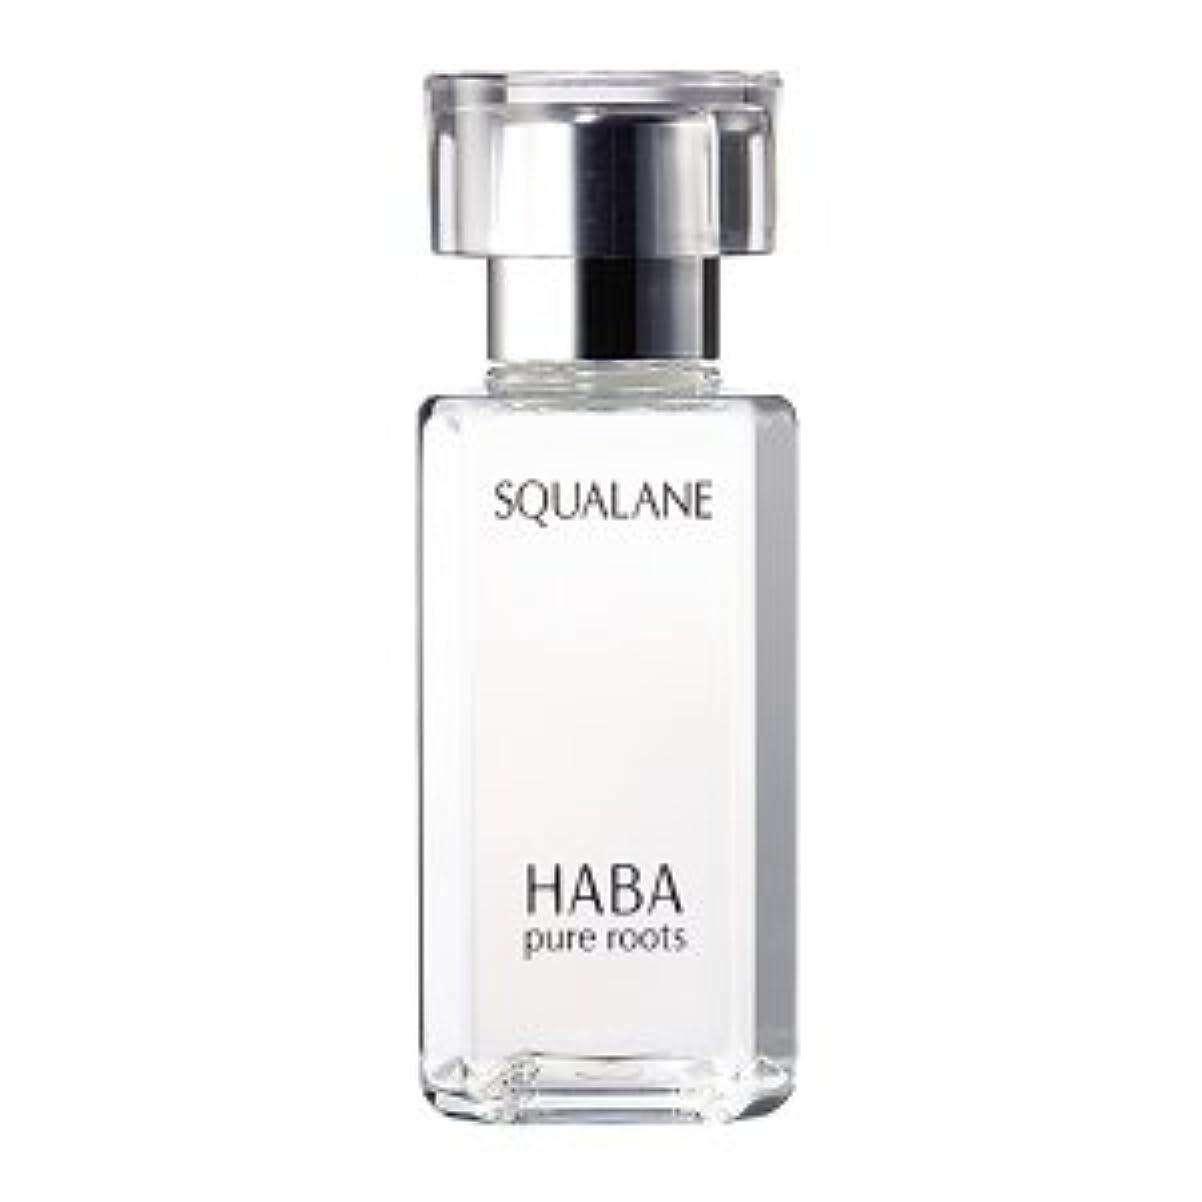 トリッキー咽頭方法論高品位スクワラン 60ml HABA ハーバー